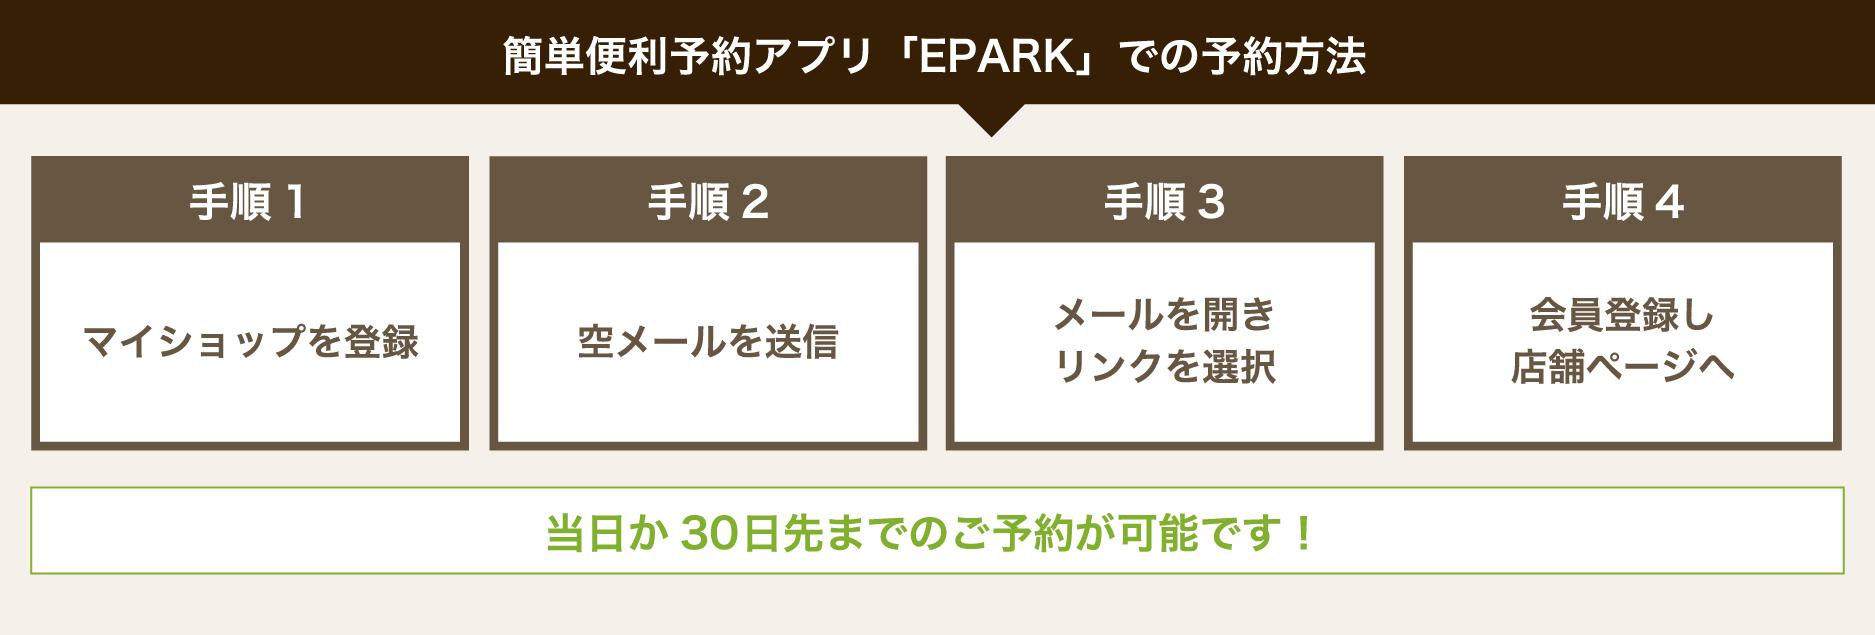 簡単便利予約アプリ「EPARK」での予約方法 手順1マイショップを登録 手順2空メールを送信 手順3メールを開きリンクを選択 手順4会員登録し店舗ページへ 当日か30日先までのご予約が可能です!